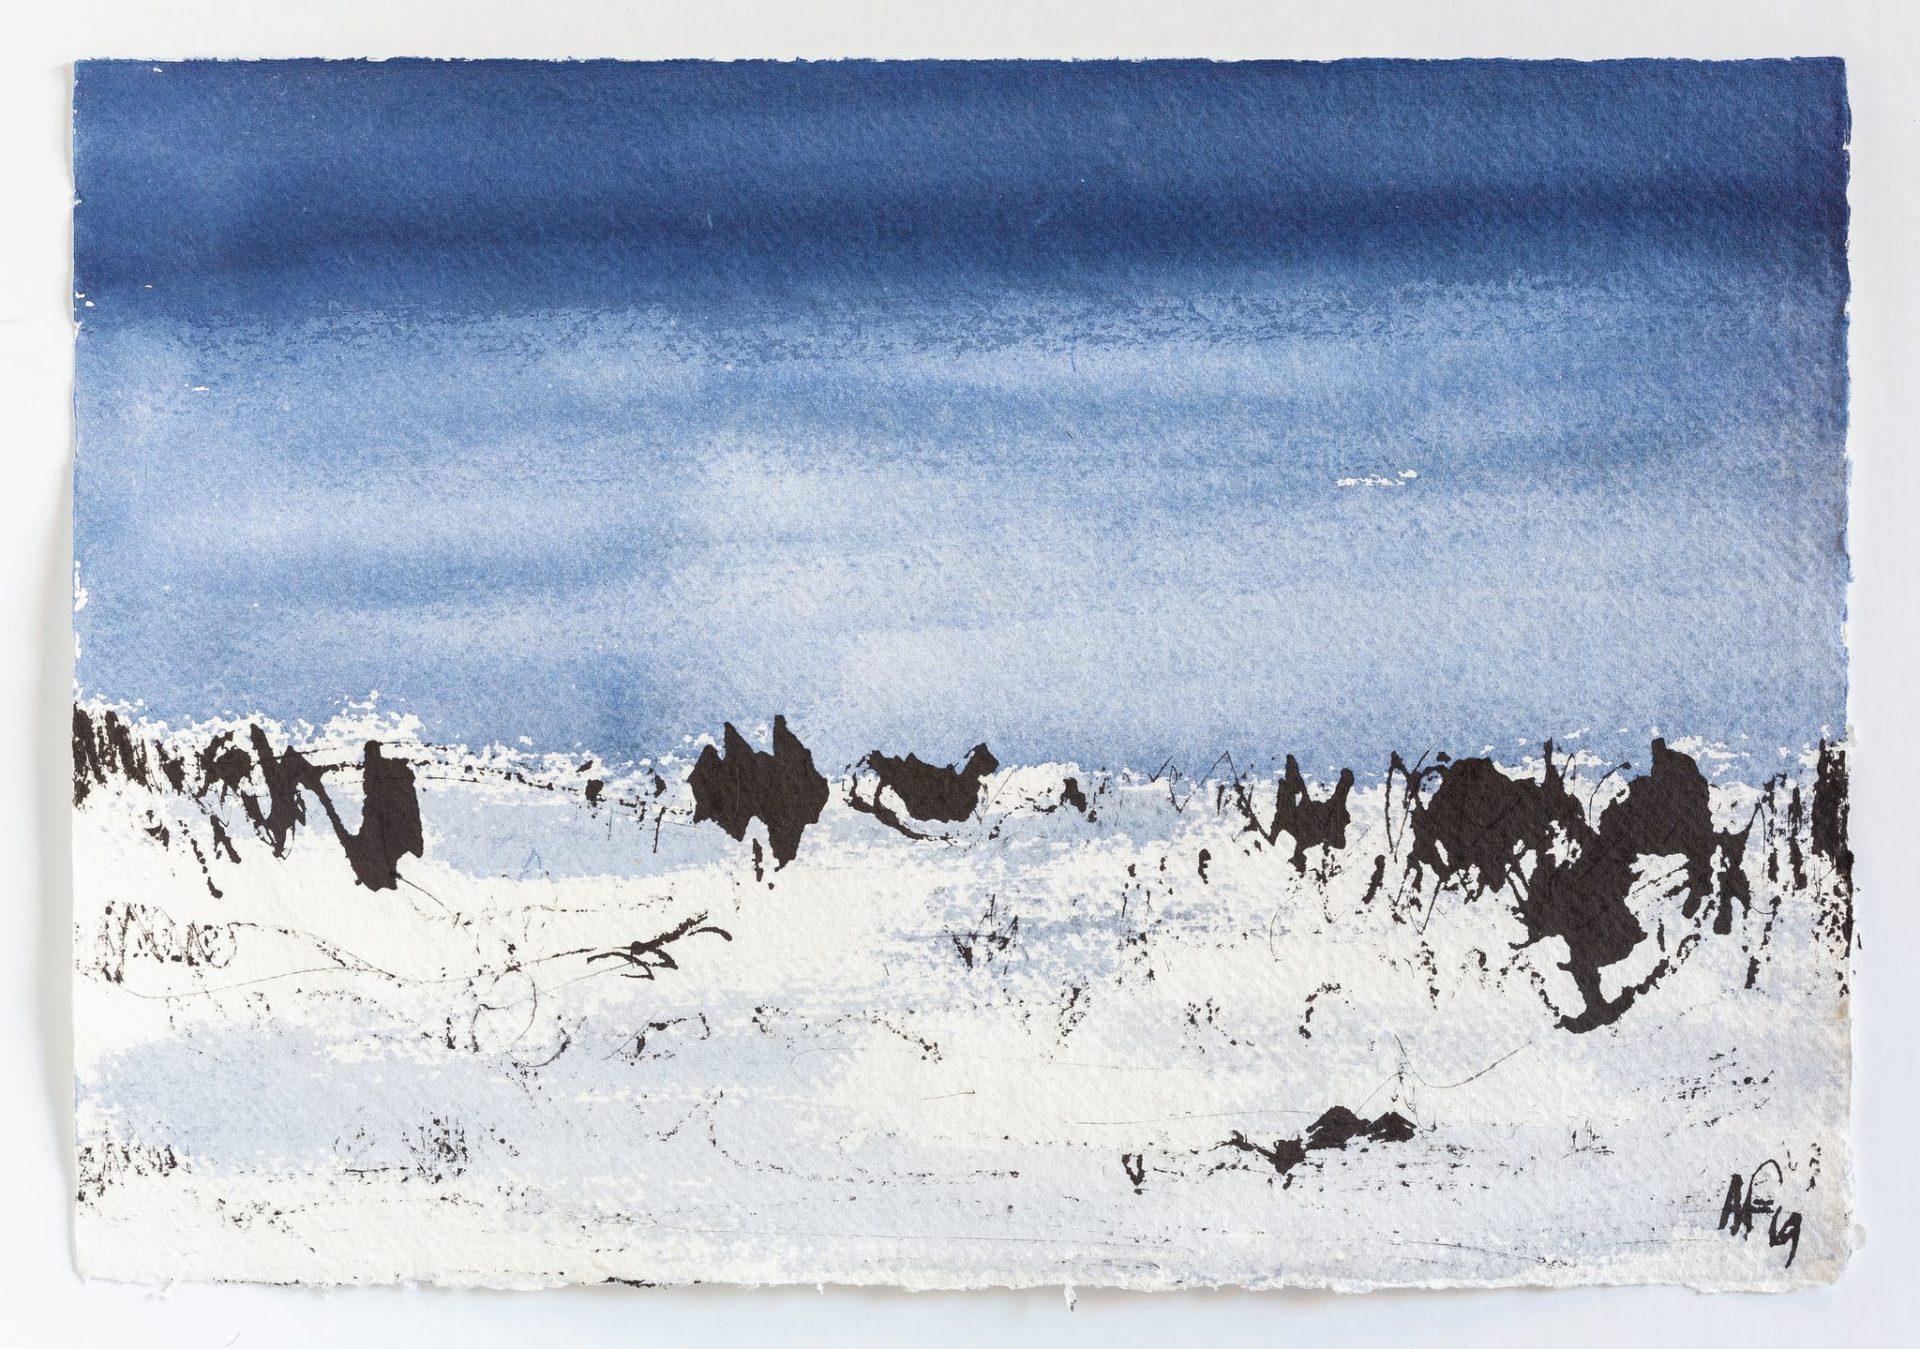 HIVER, encre, 30x20cm, 2020, Roland R.Favre